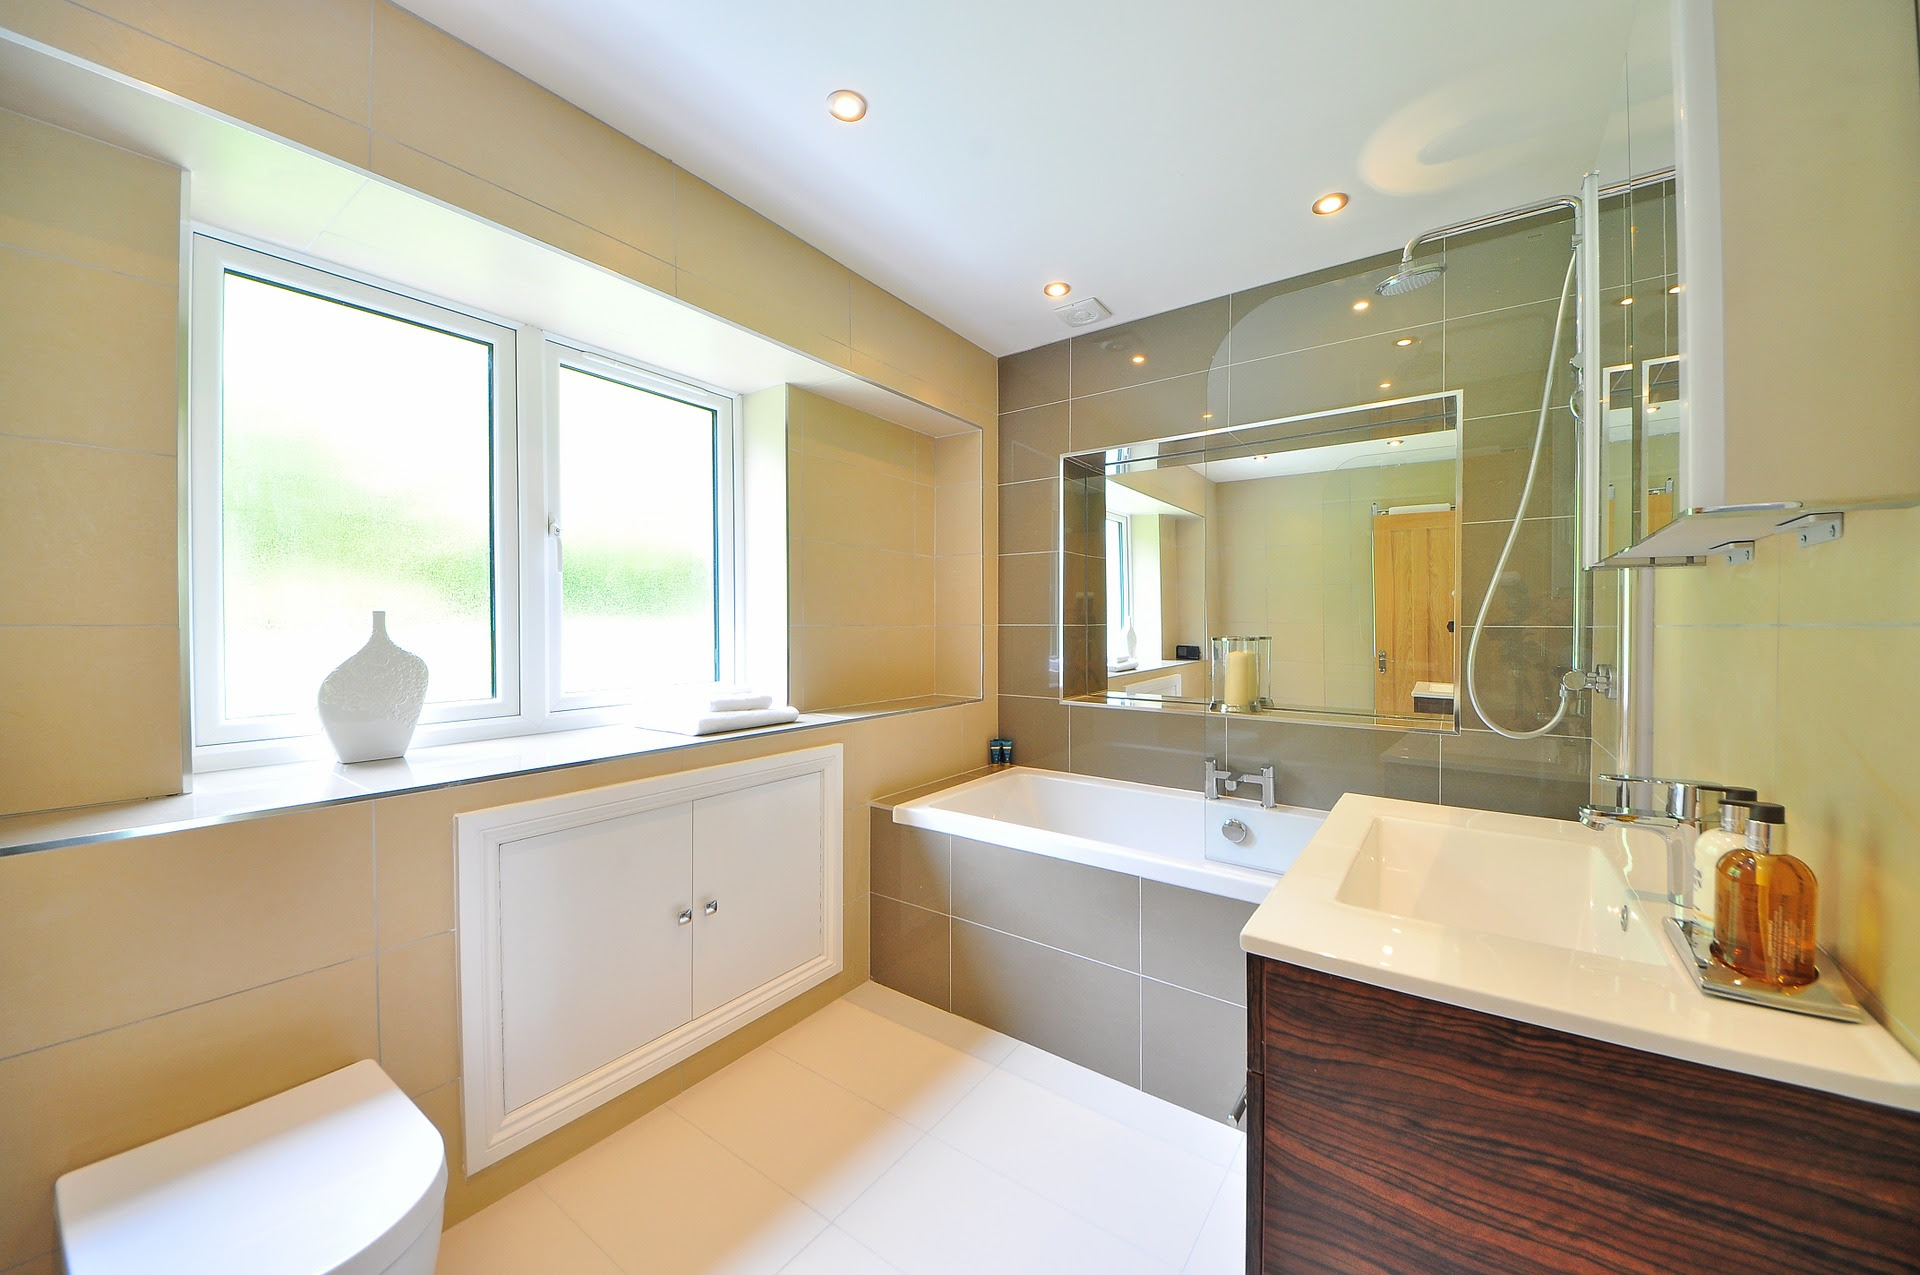 The Advantages Of Bathroom Suites East Side Designer